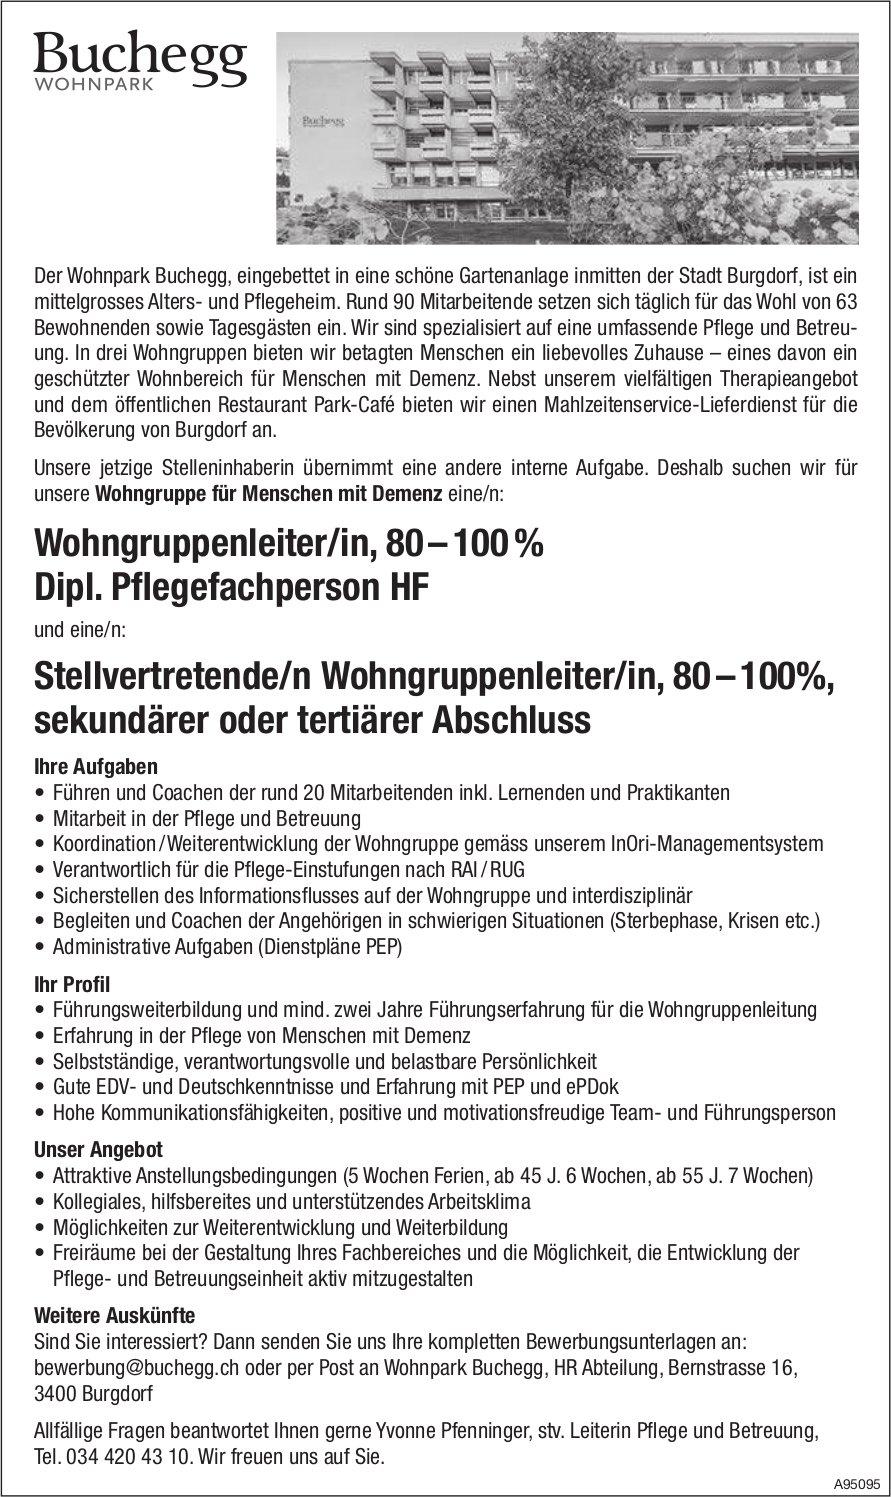 Wohngruppenleiter/in, 80 – 100 % Dipl. Pflegefachperson HF & Stellvertretende/n Wohngruppenleiter/in,  80 – 100%,  sekundärer oder tertiärer Abschluss, Wohnpark Buchegg, Burgdorf,  gesucht